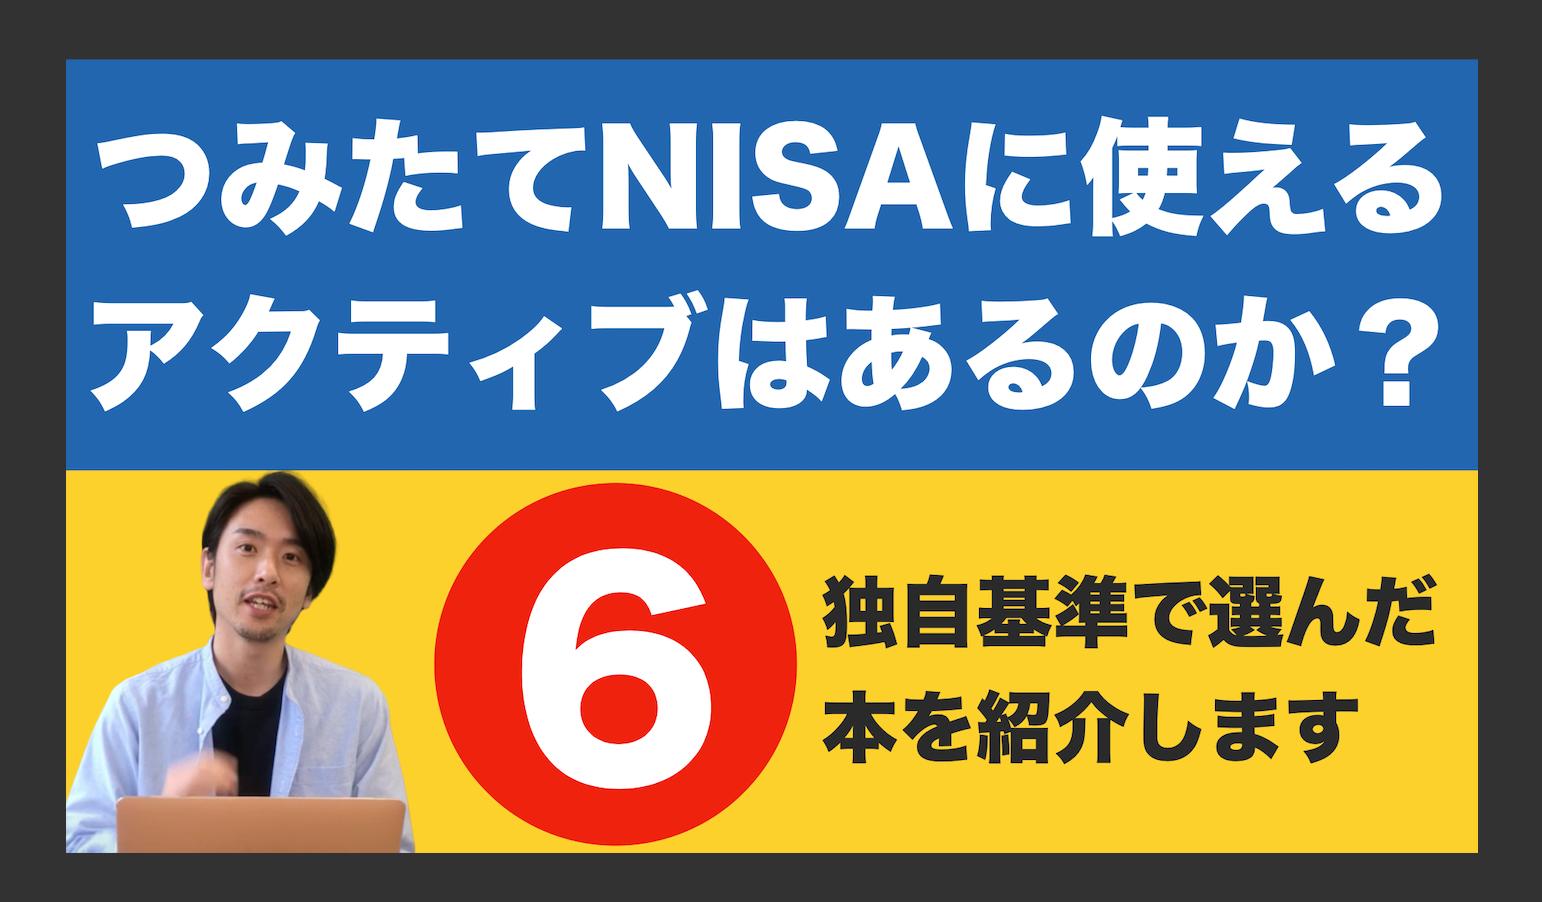 【つみたてNISA】インデックス投信とアクティブ投信どっちを選んだら良いか?